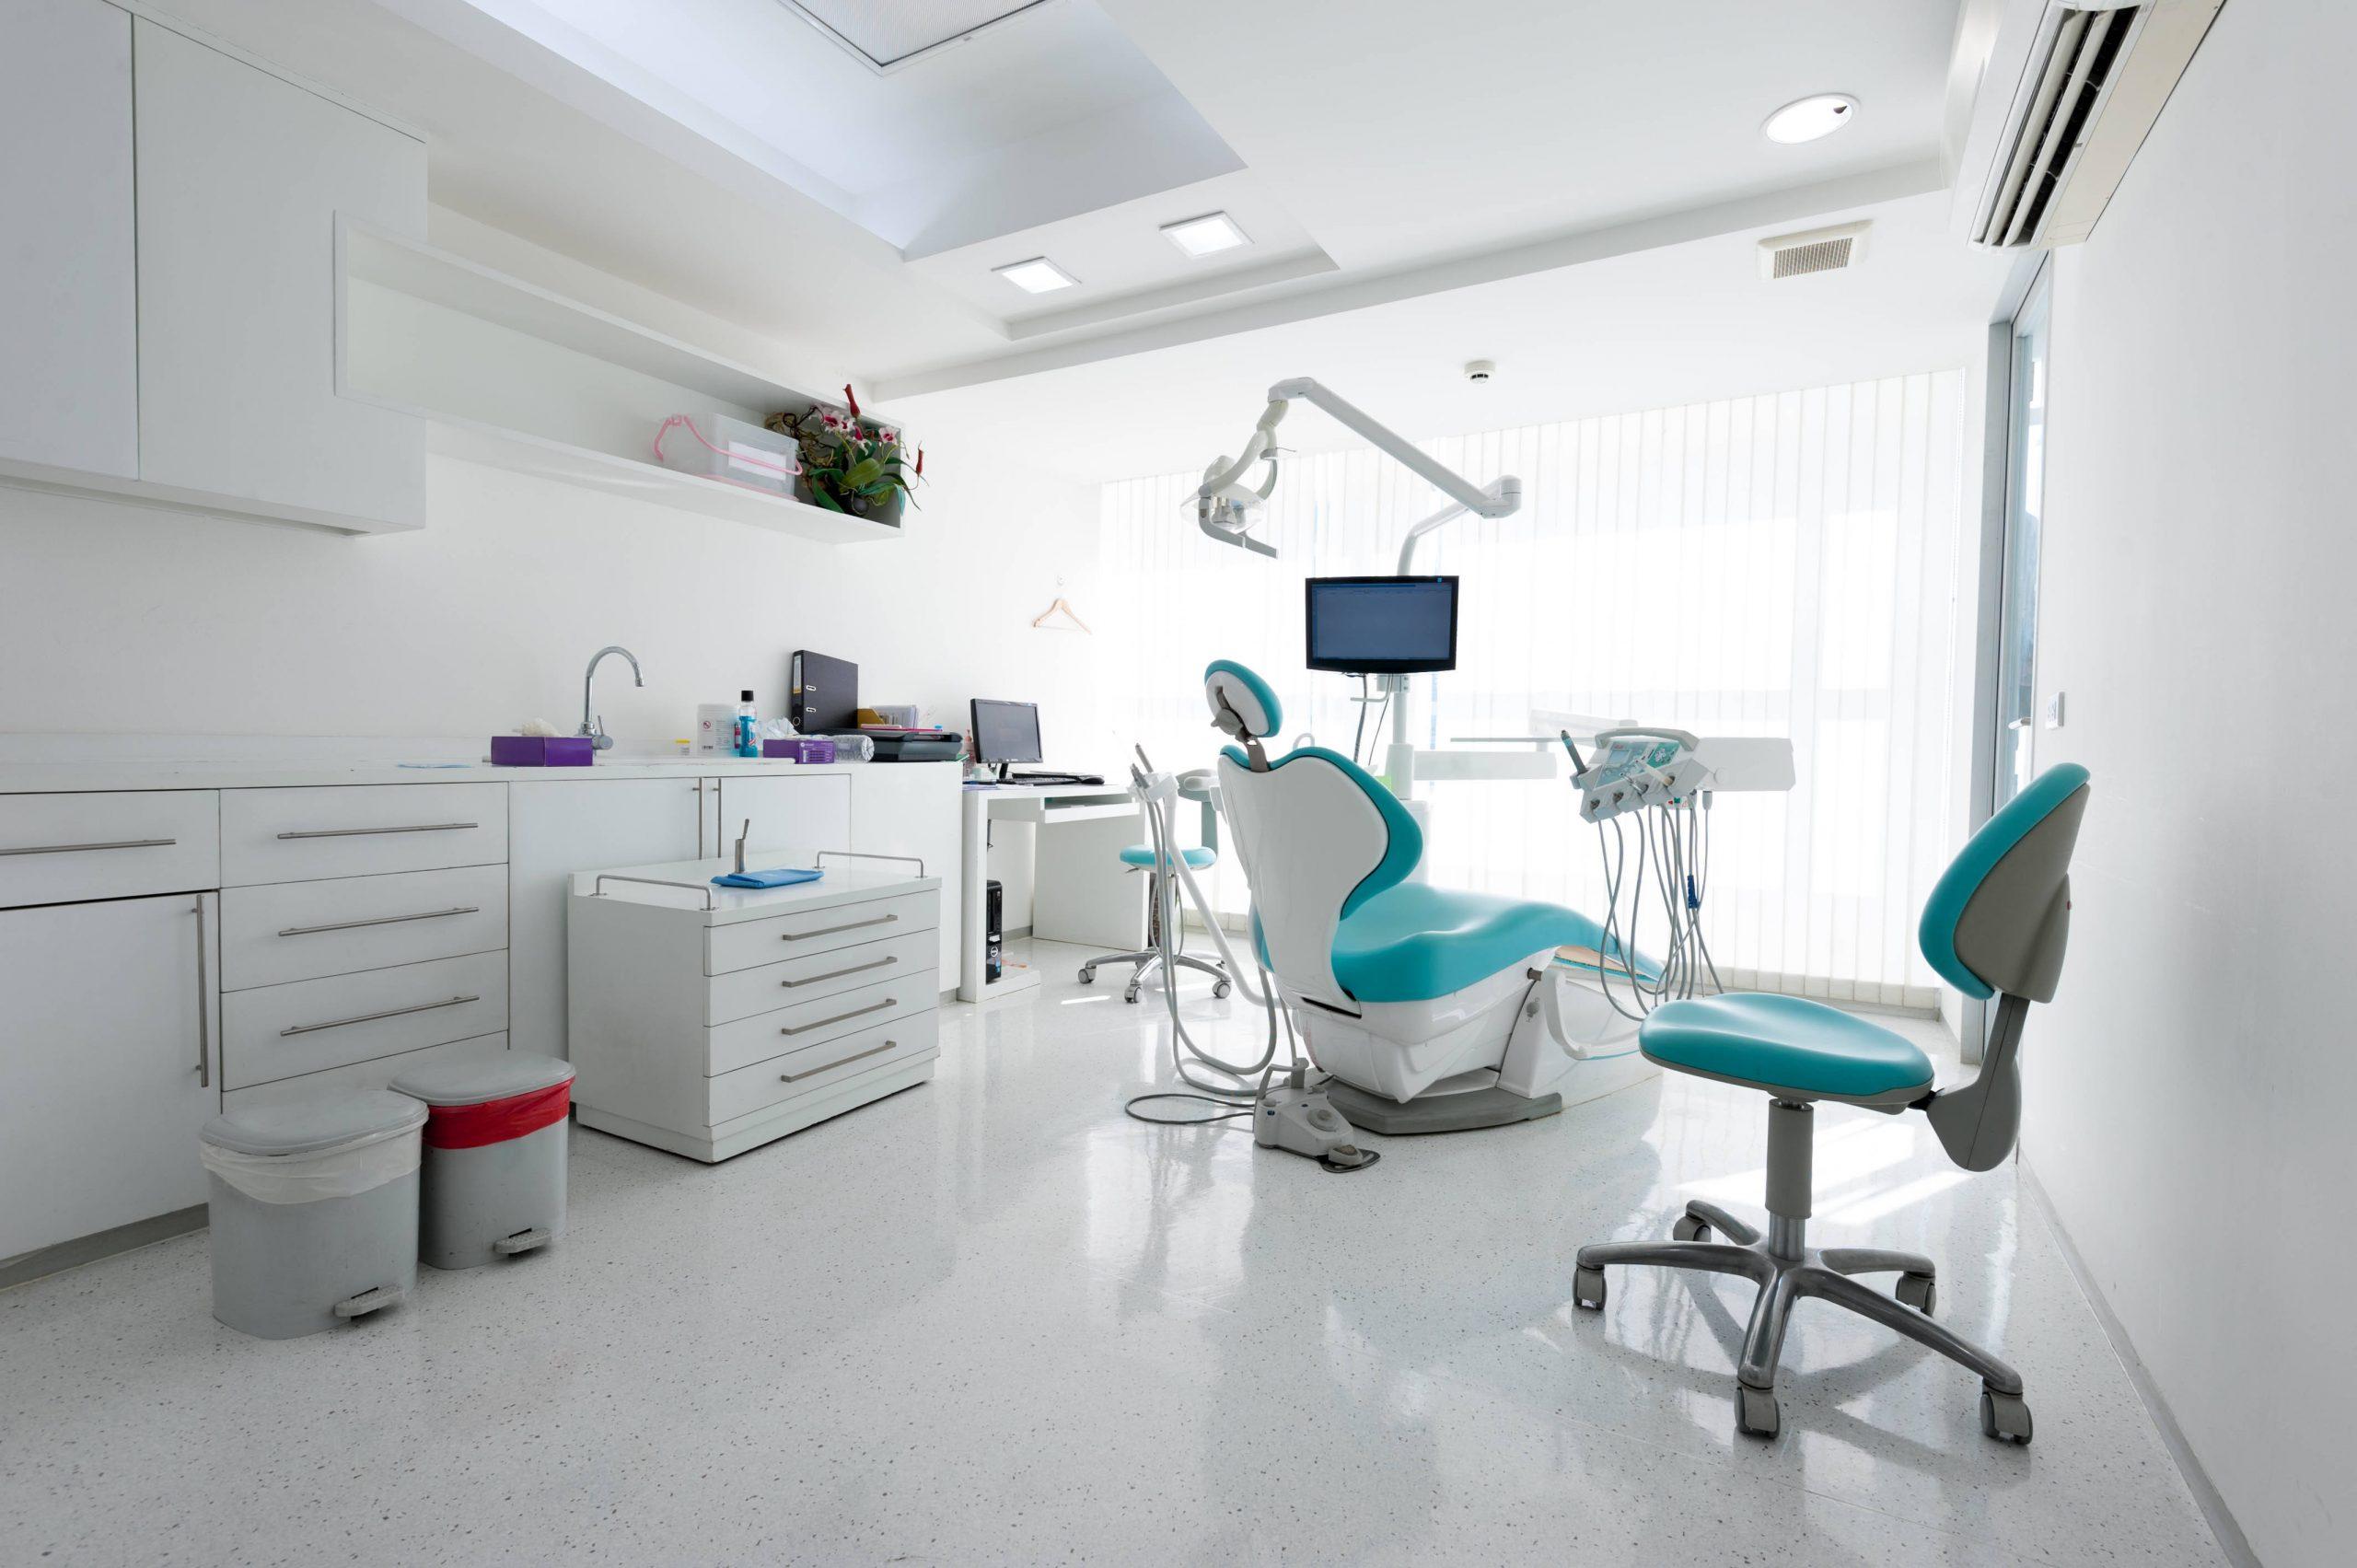 ¿Qué debe tener una buena clínica dental?